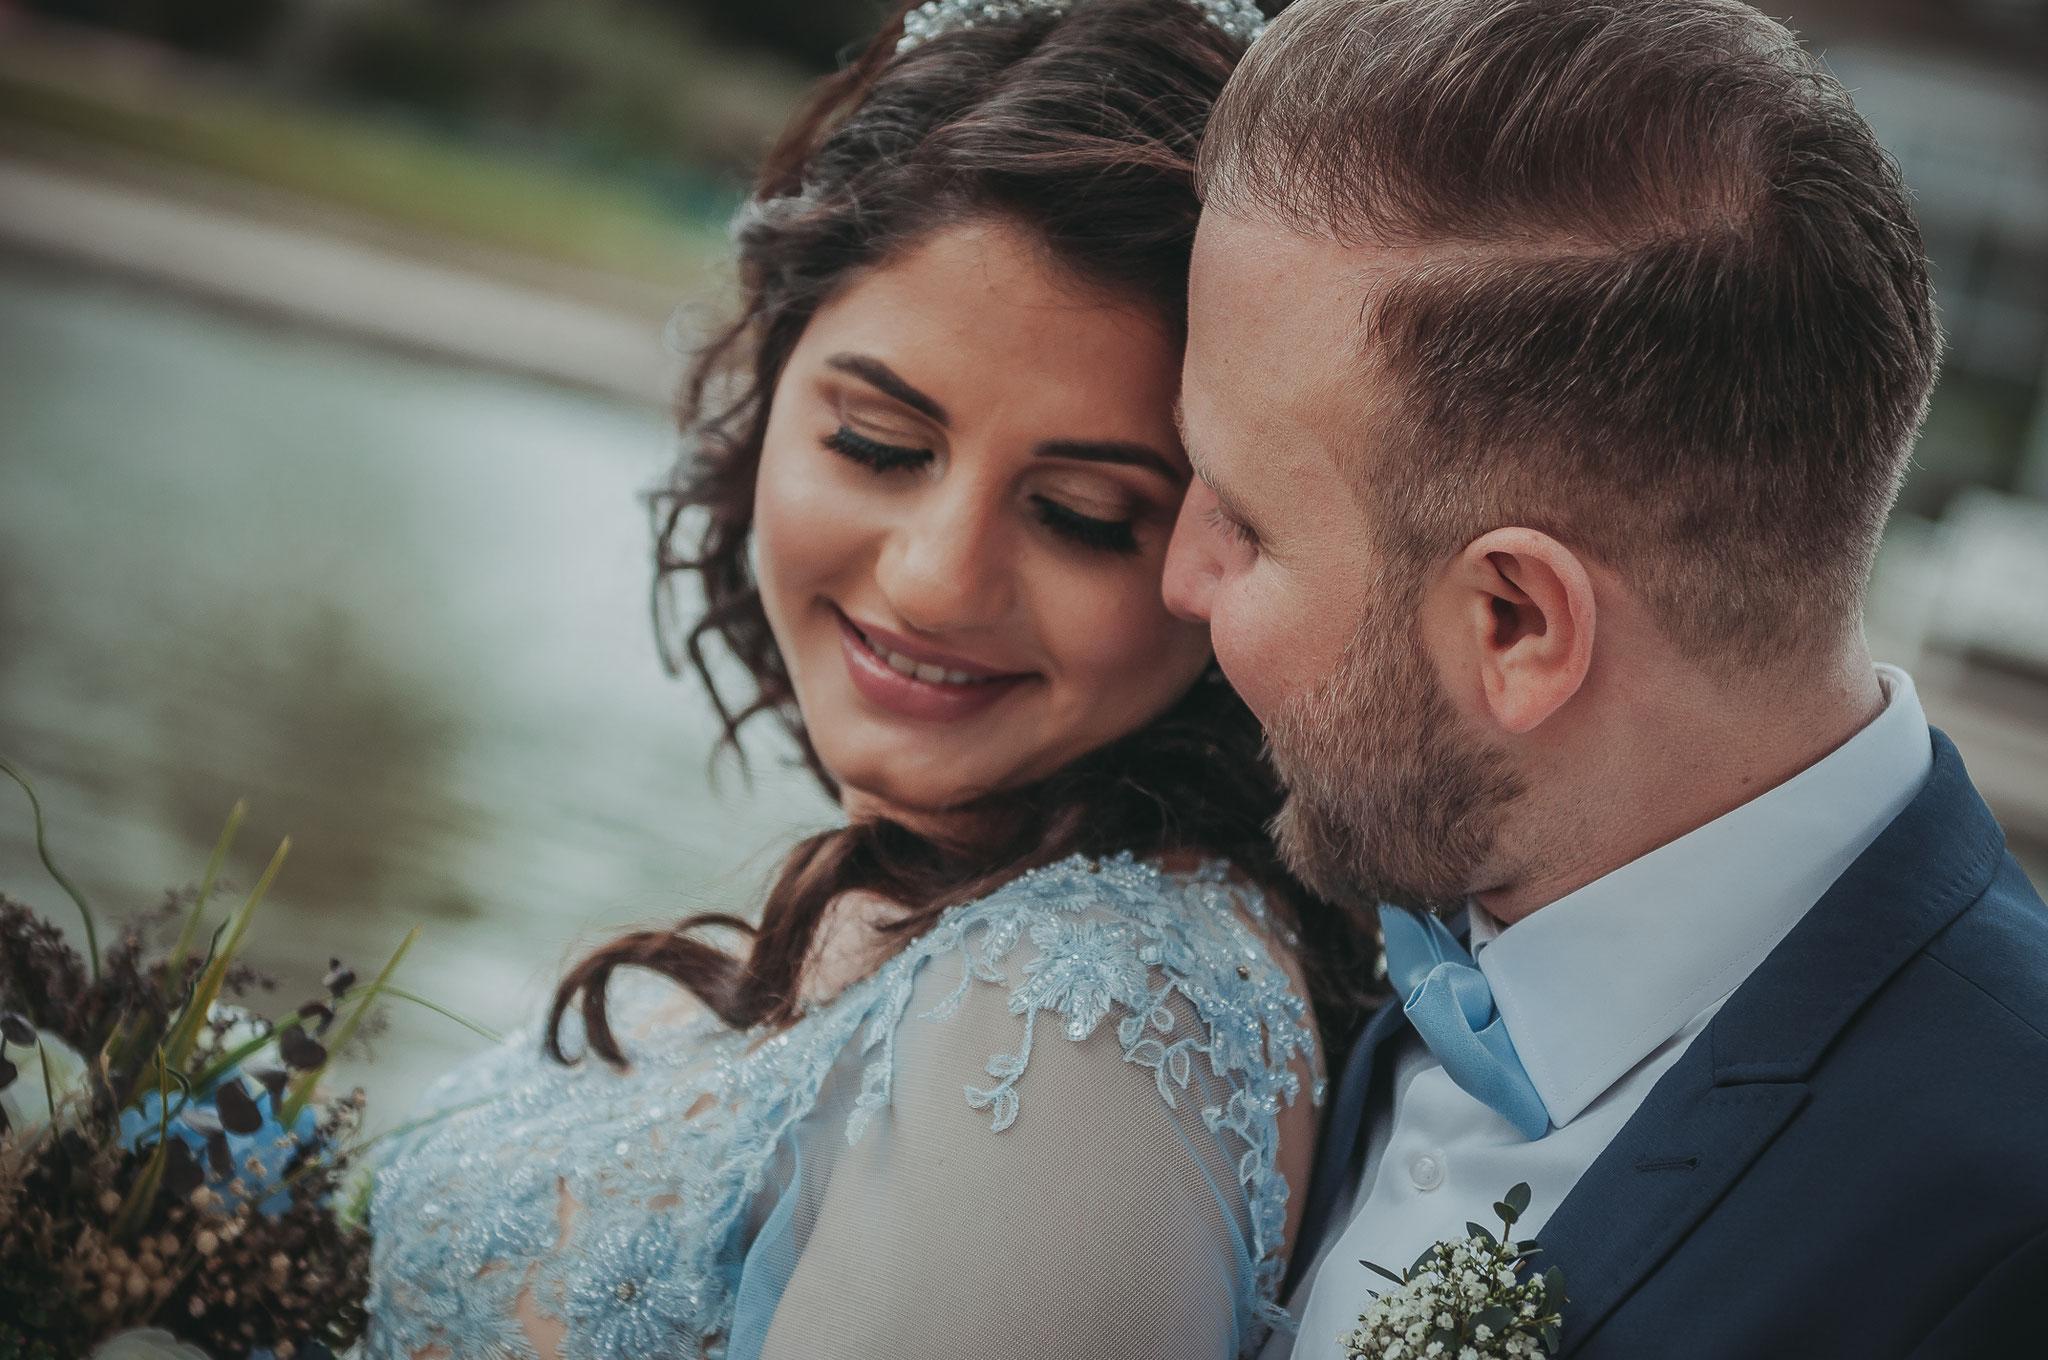 Paaraufnahmen authentisch und liebevoll